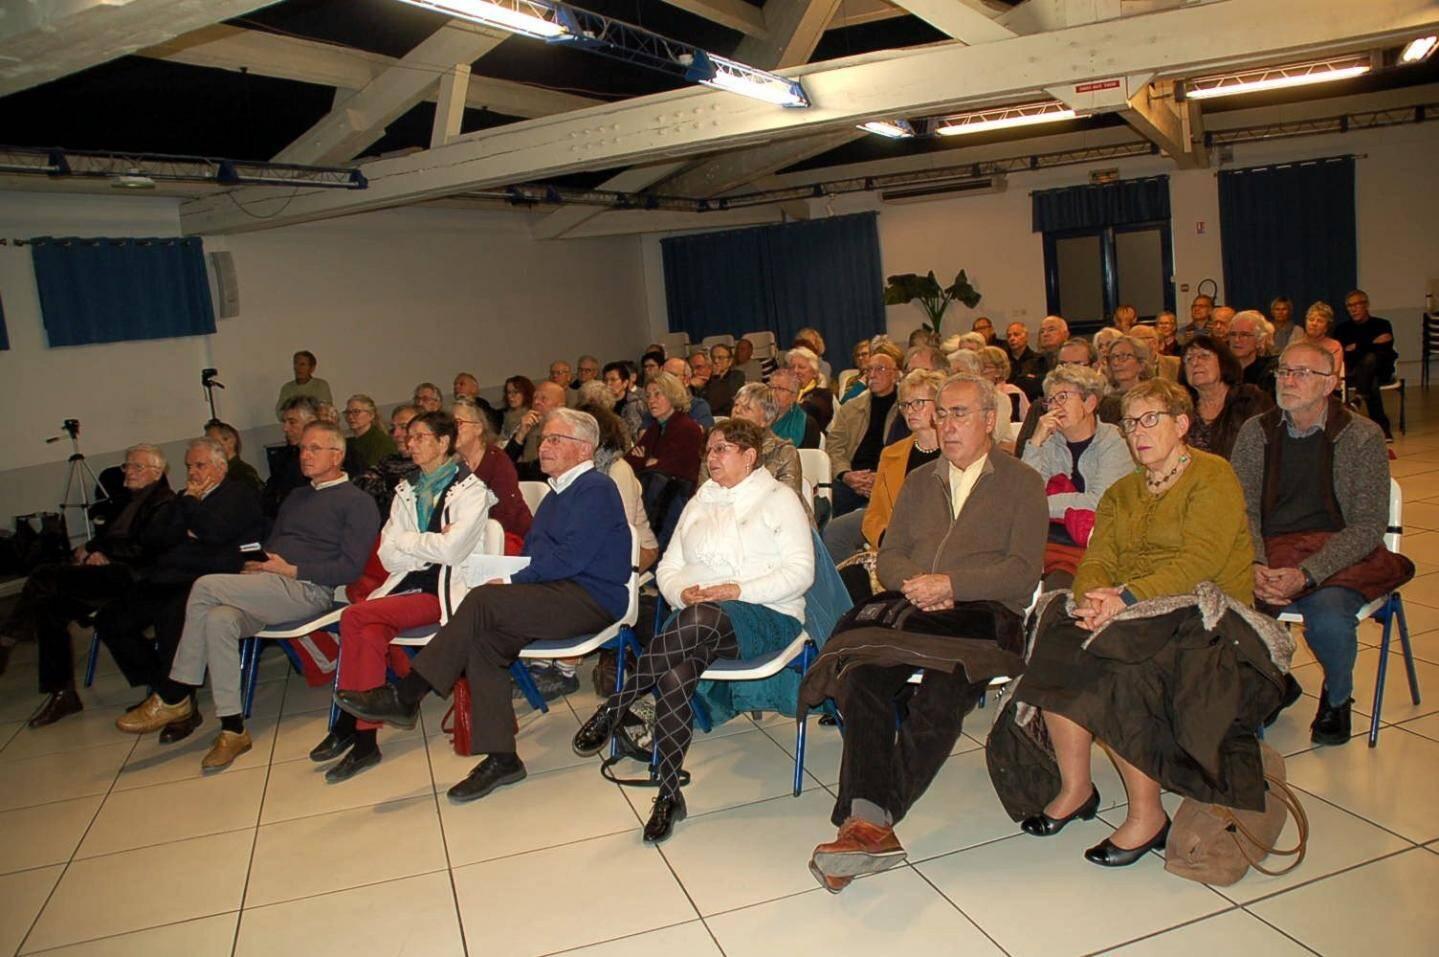 La conférence avait attiré beaucoup de monde.